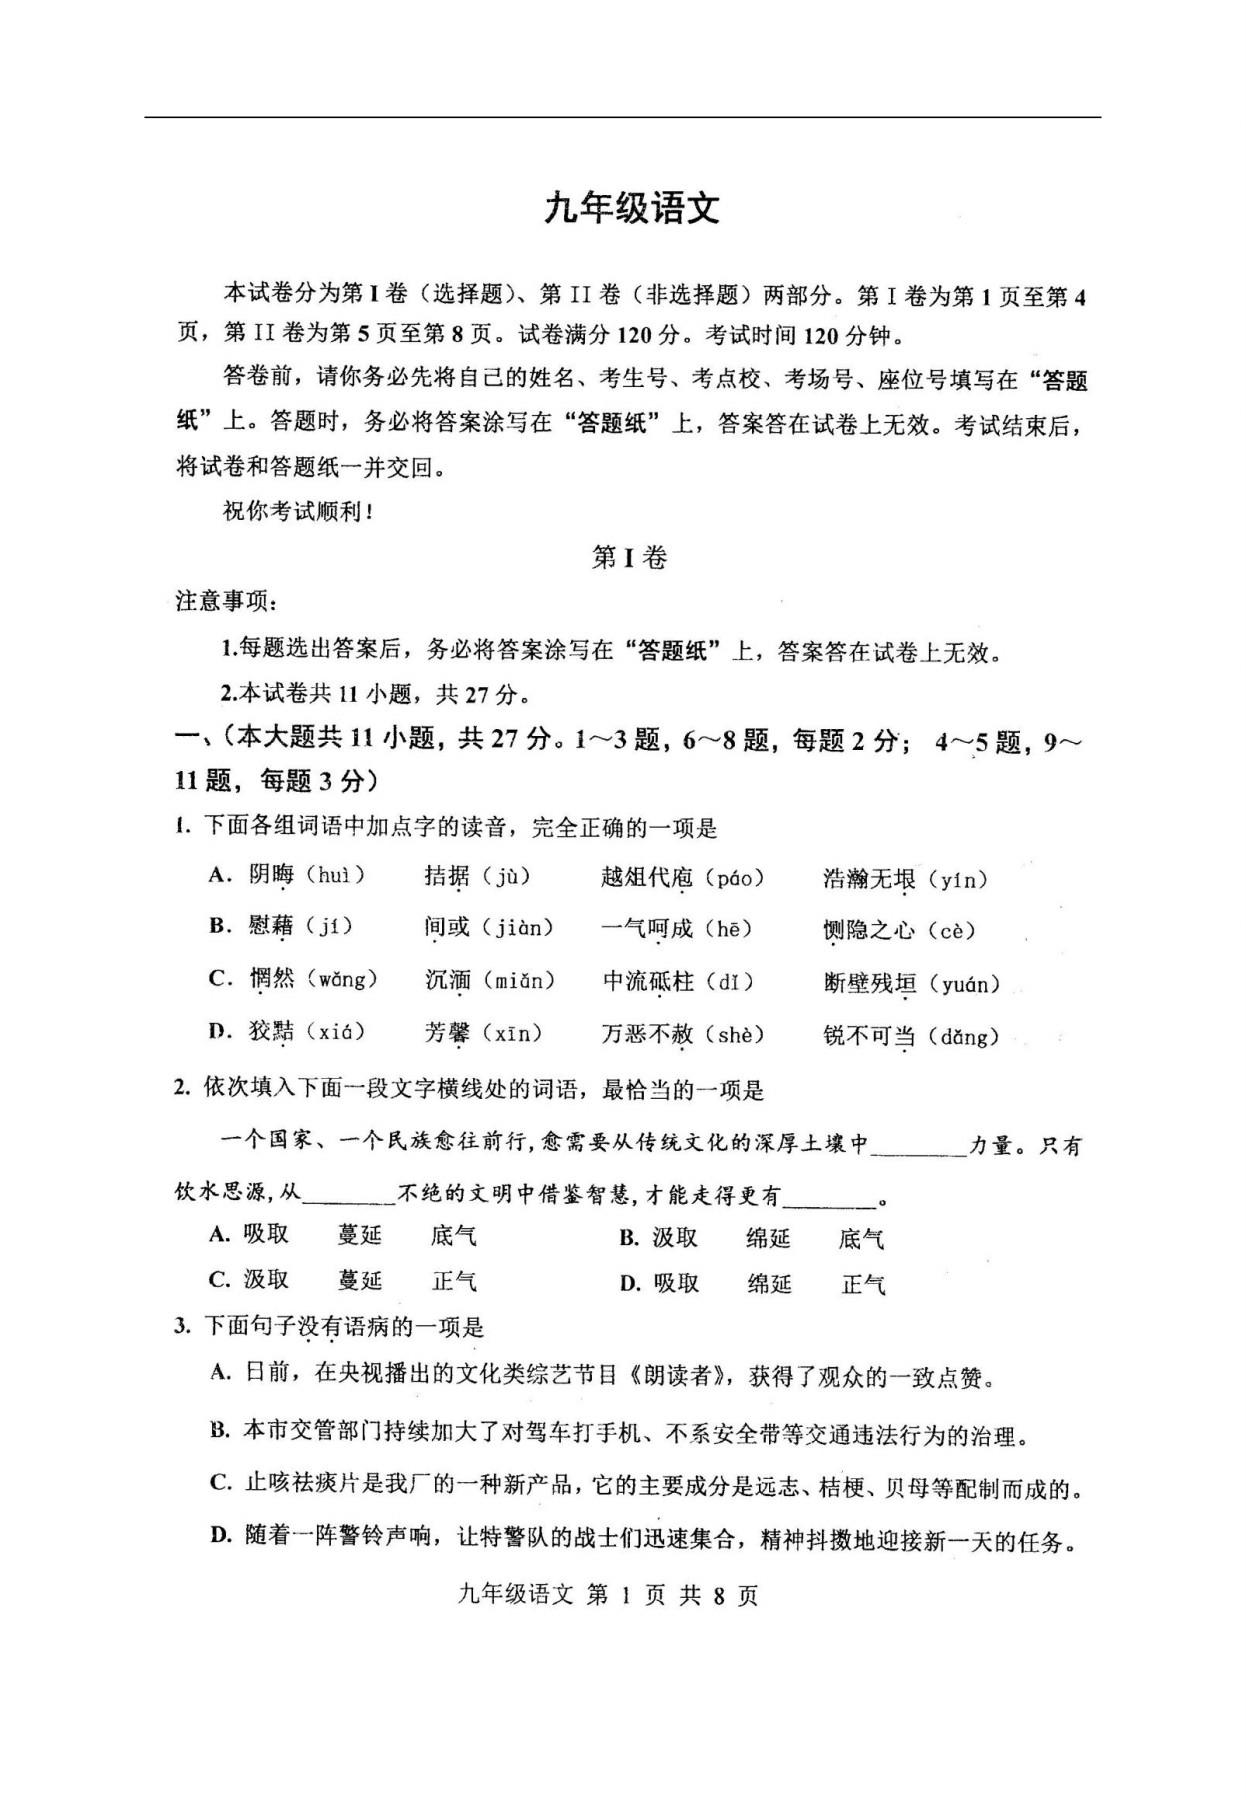 天津红桥2017九年级结课考质量检测语文试题(图片版)